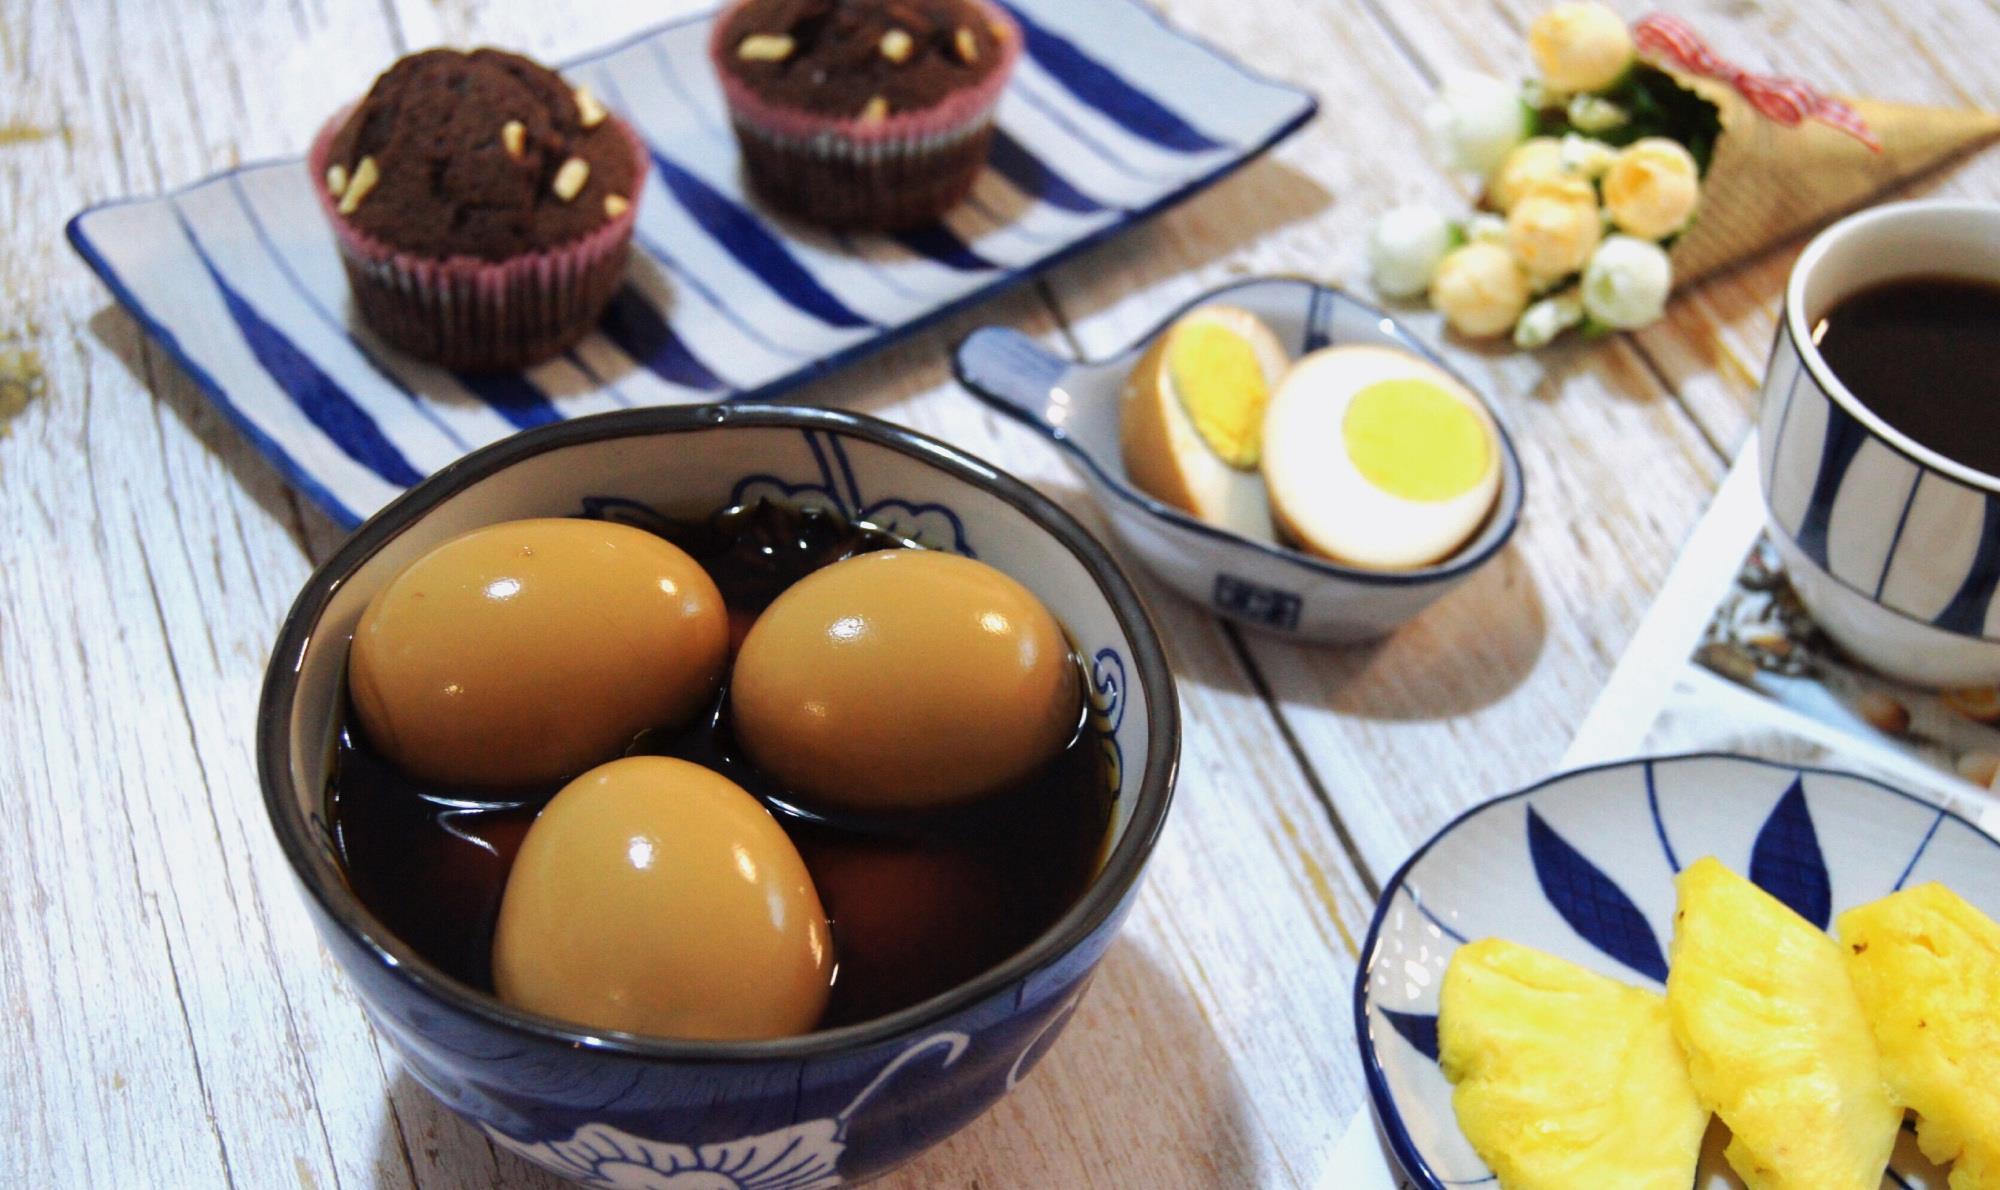 卤蛋在家做超简单,味醇香浓,长吃不厌,随吃随取超方便,快收藏